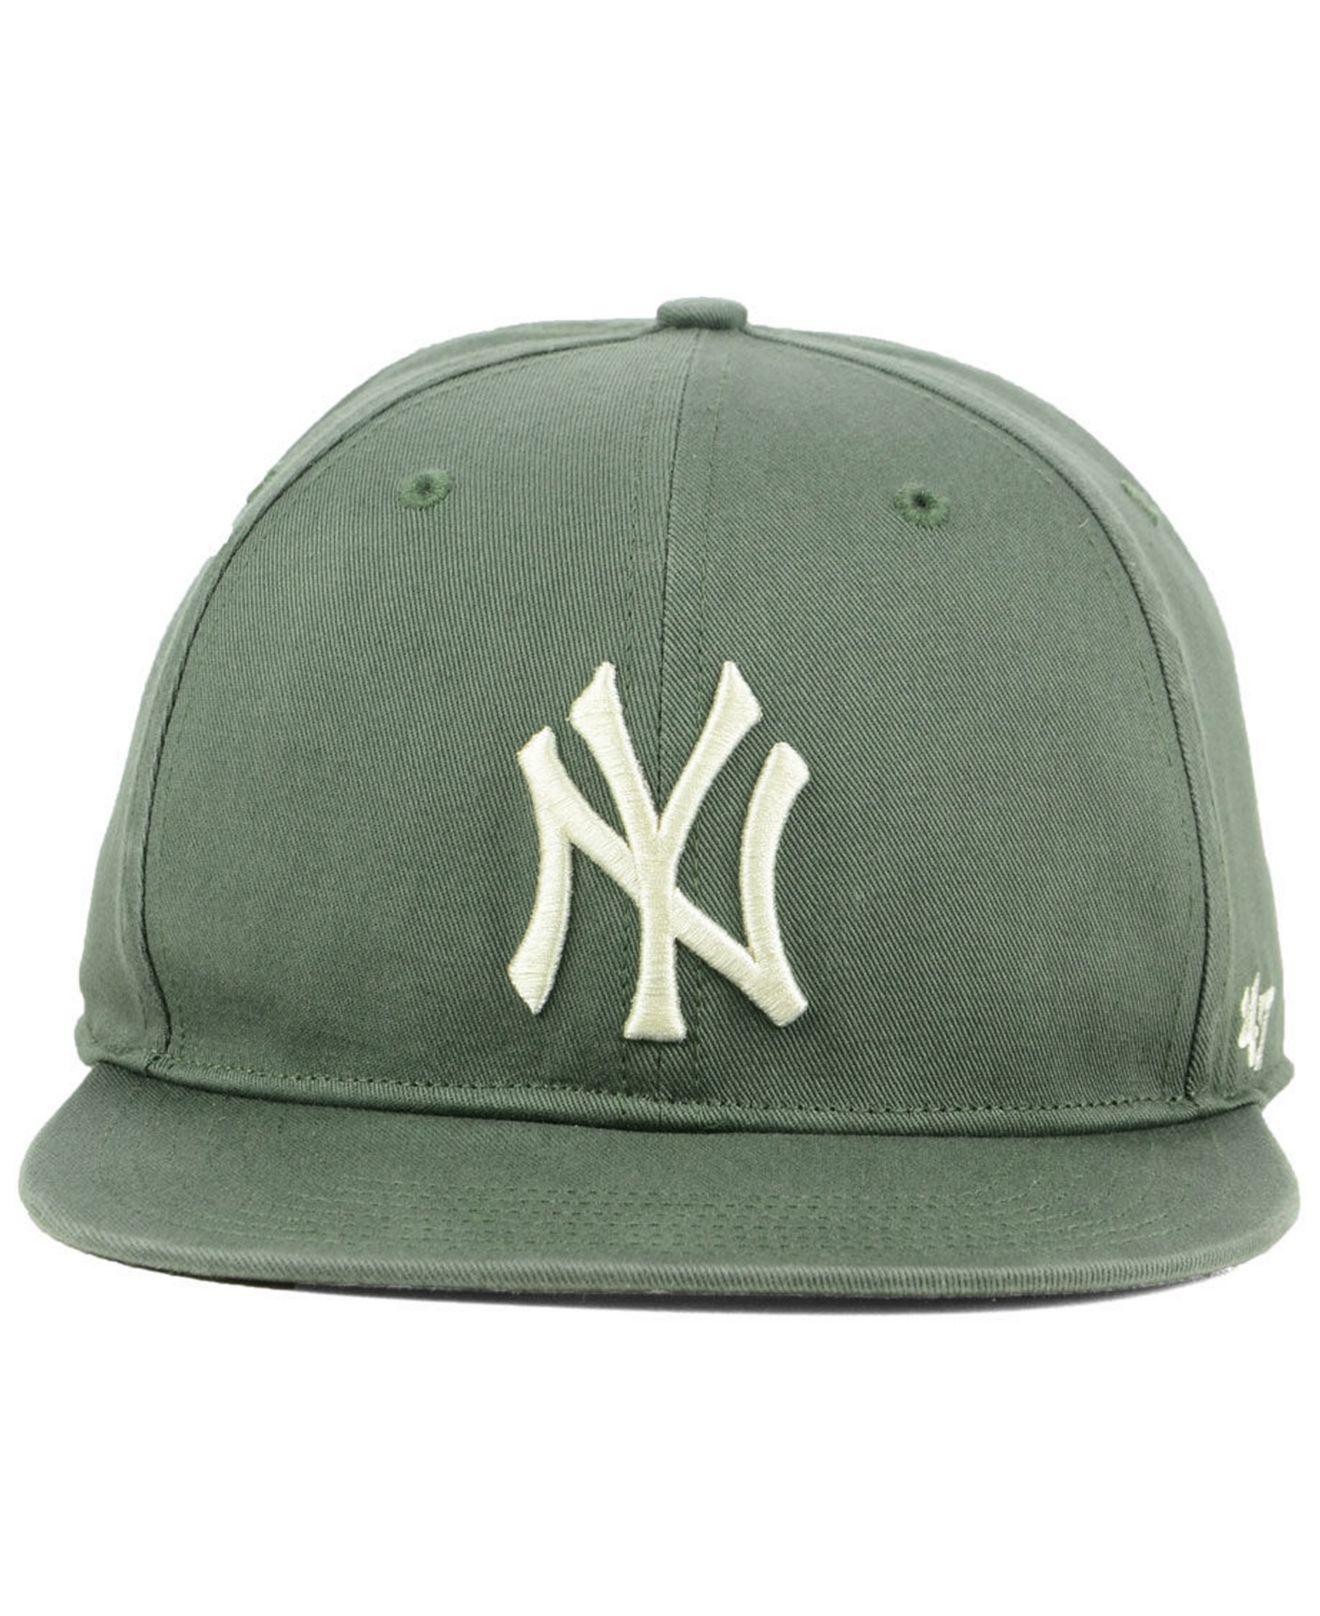 e6311e582c0 Lyst - 47 Brand New York Yankees Moss Snapback Cap in Green for Men